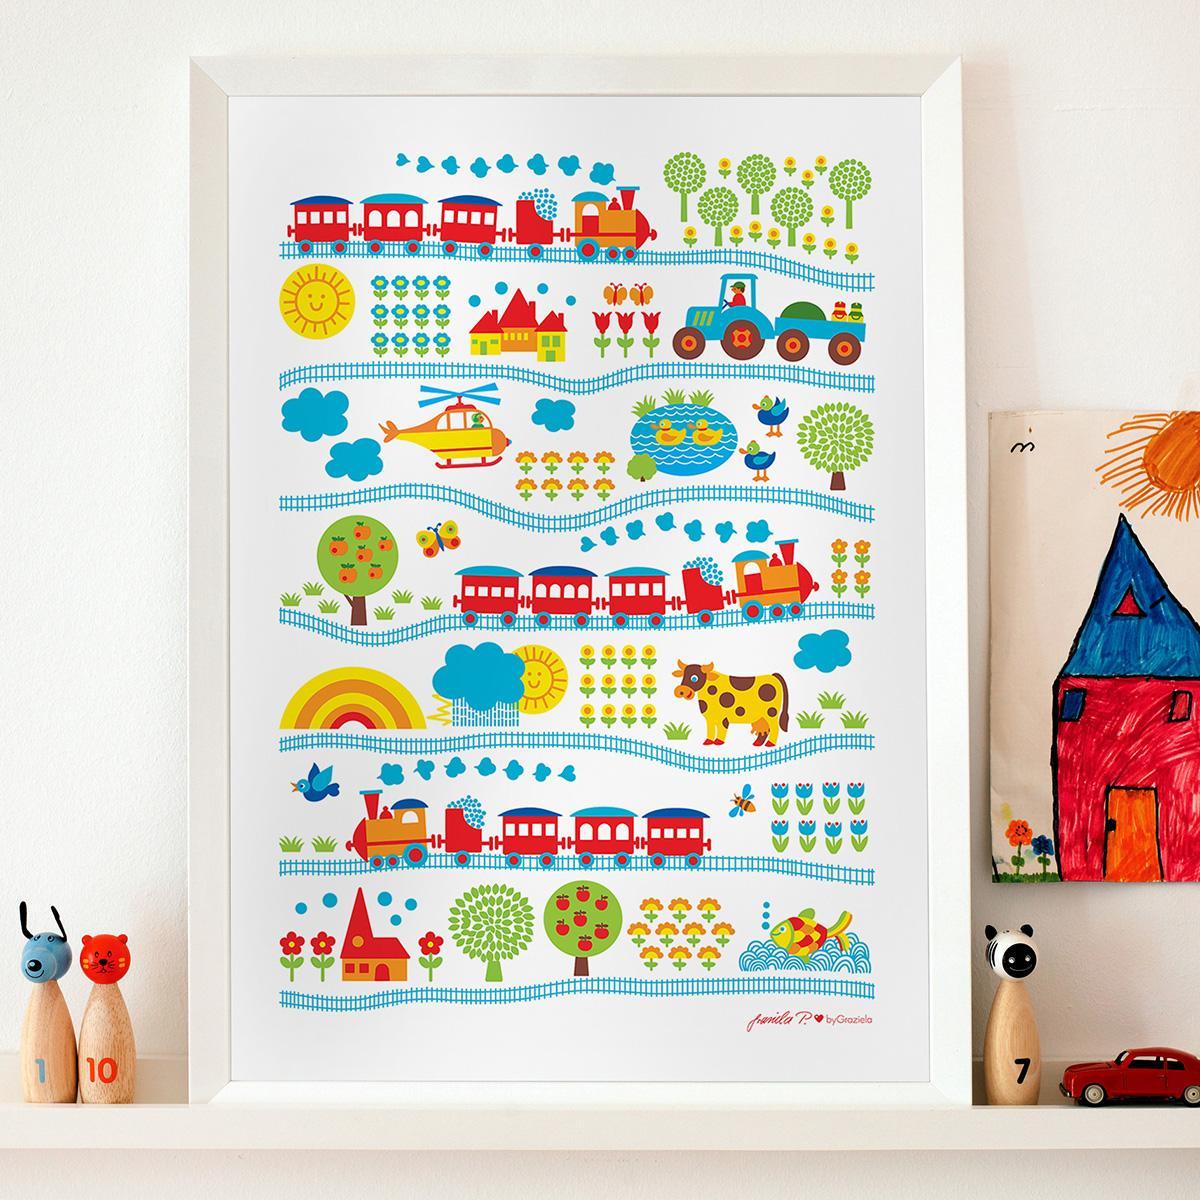 farben im kinderzimmer bilder ideen couchstyle. Black Bedroom Furniture Sets. Home Design Ideas